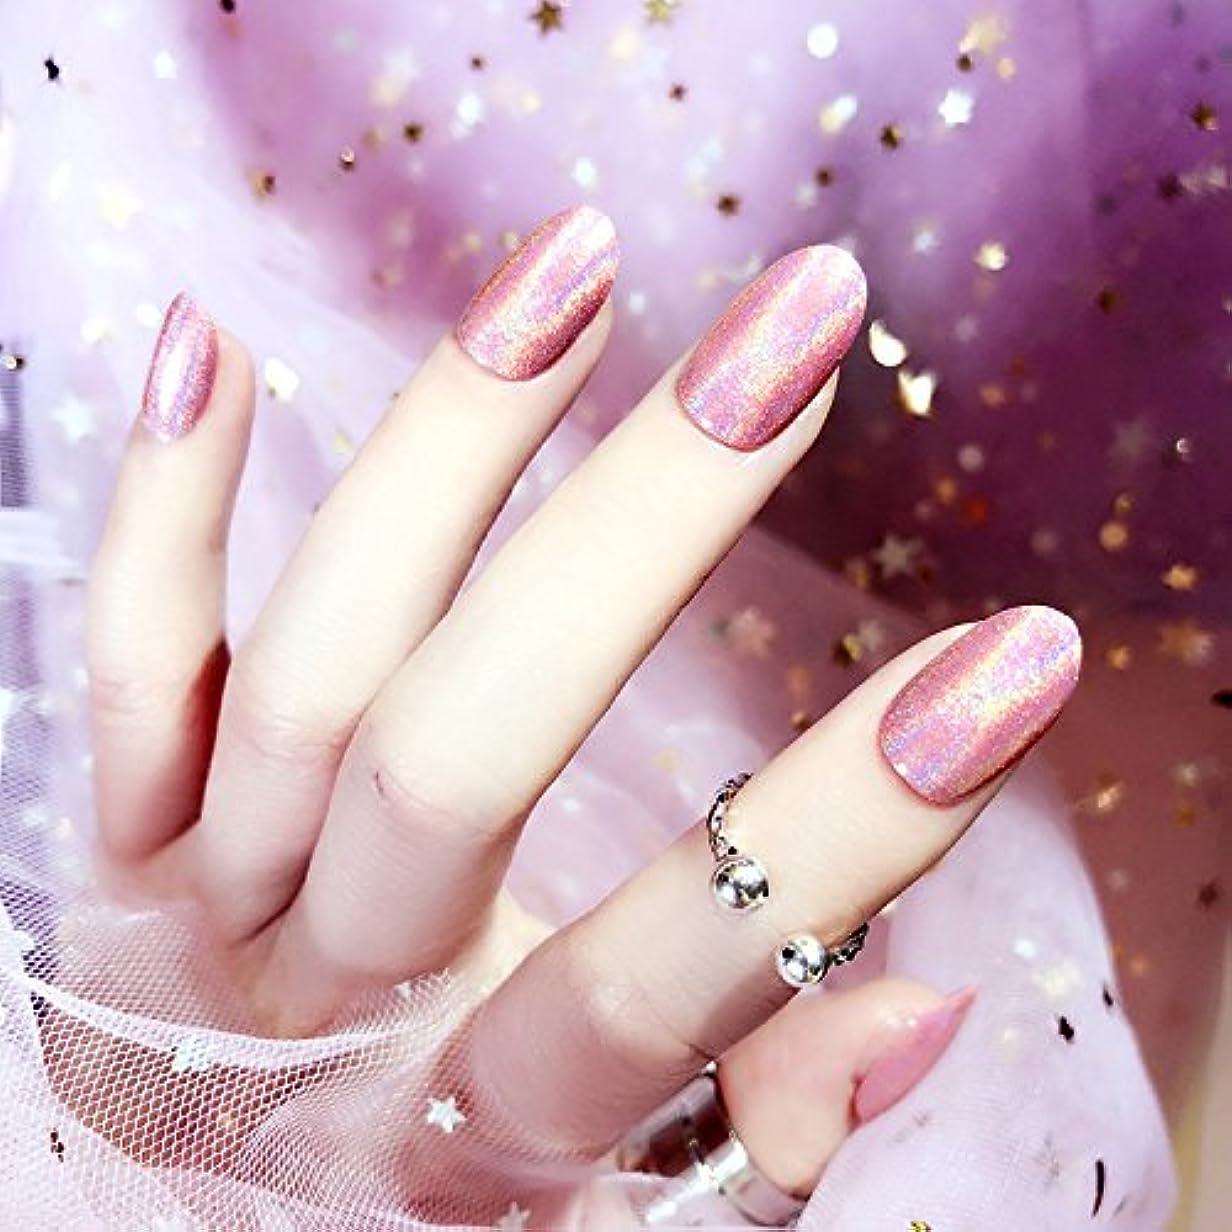 バーチャル明らか民族主義質感 彩がつく 24枚純色付け爪 ネイル貼るだけネイルチップ レーザー 多重光沢 お花嫁付け爪 ジェルネイルの光疗法 シンフォニー (アメジスト)